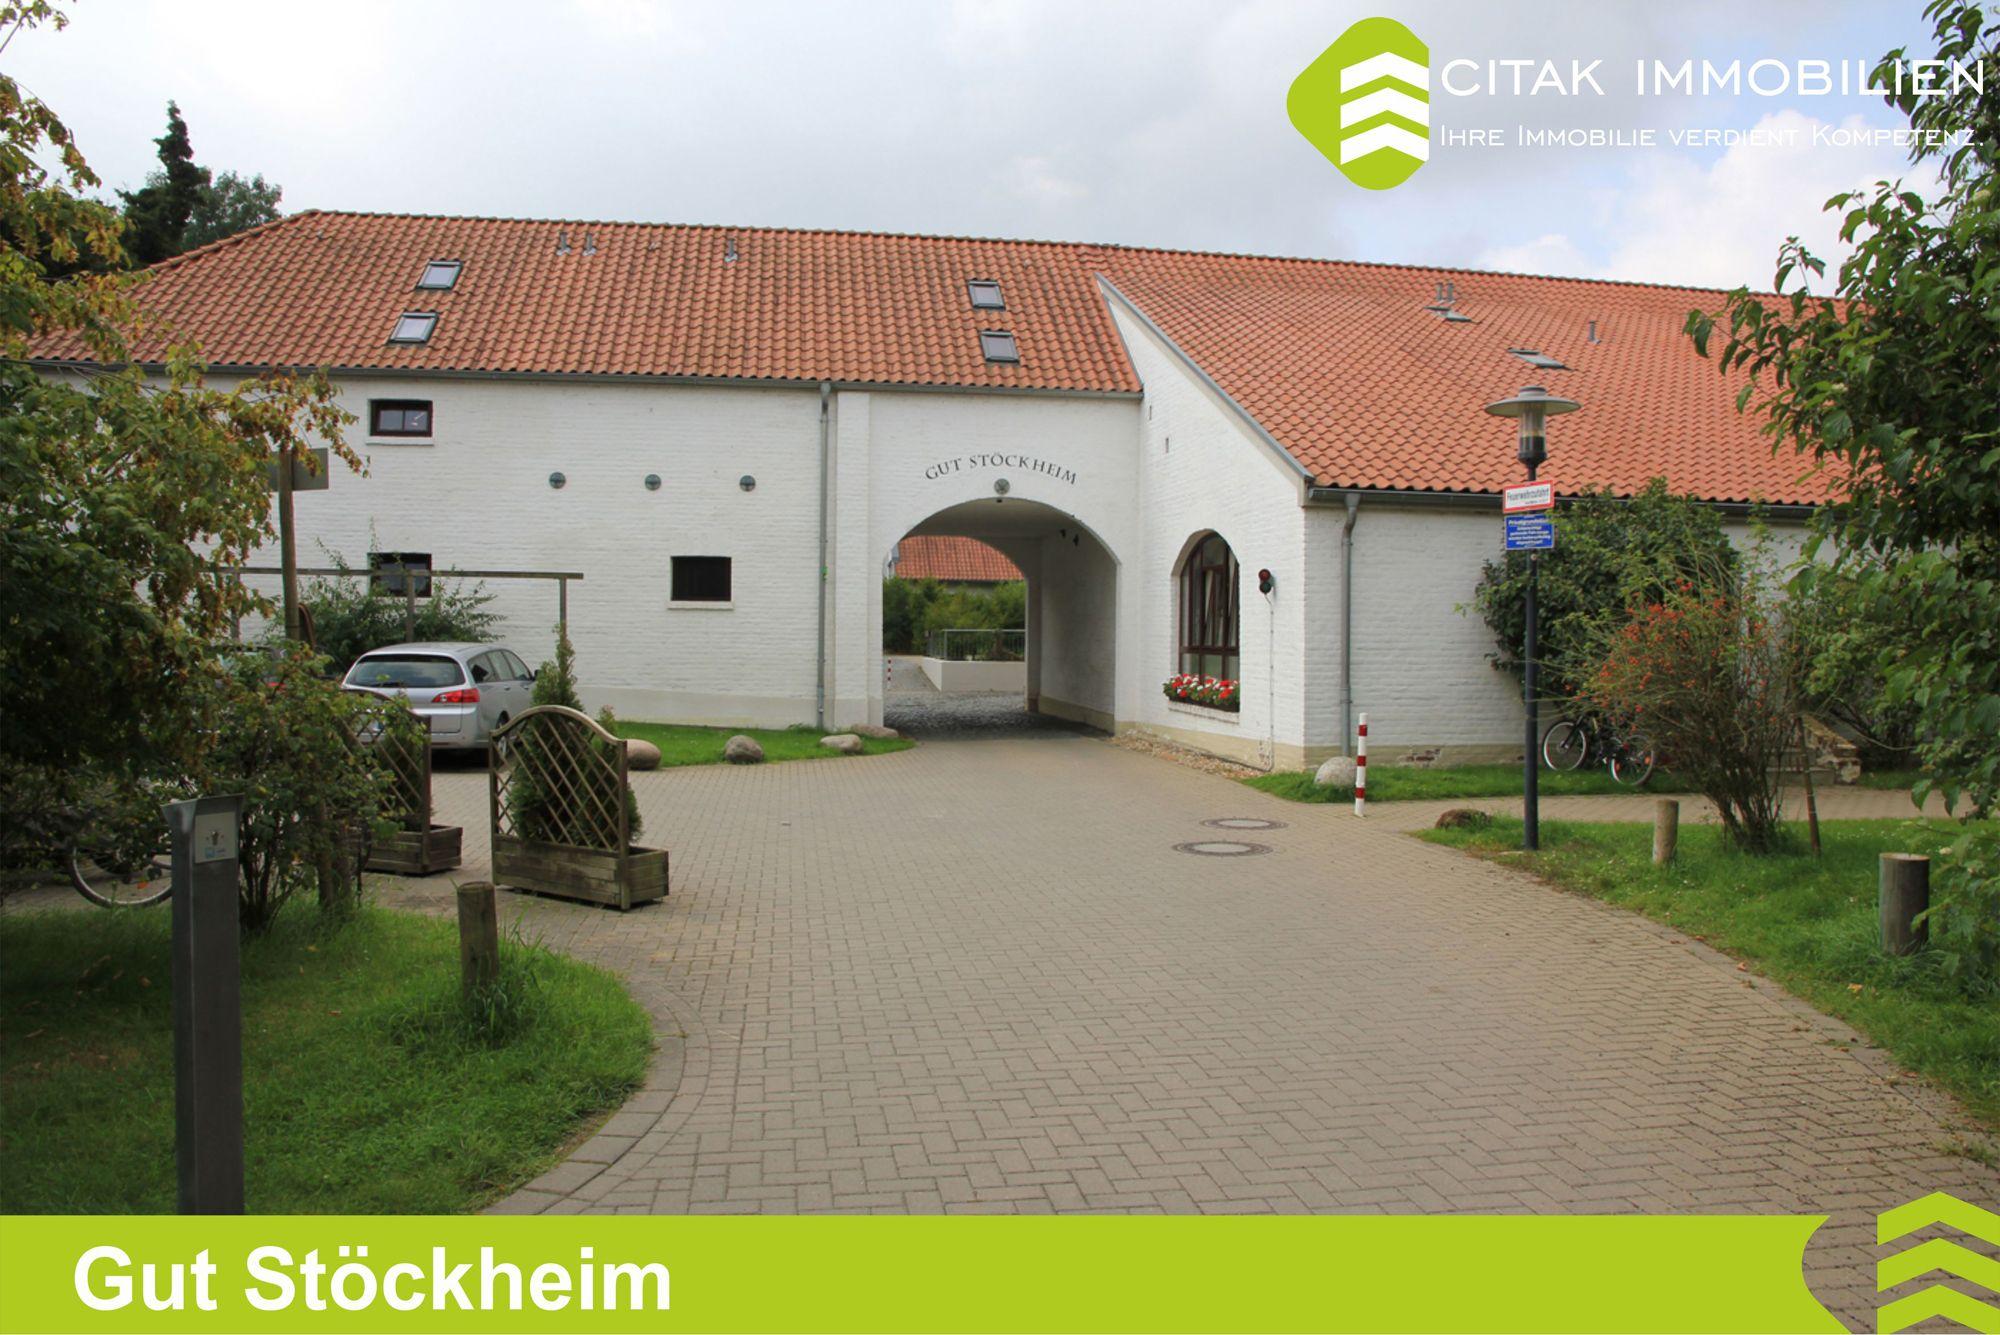 Koln Esch Auweiler Gut Stockheim Immobilienmakler Immobilien Koln